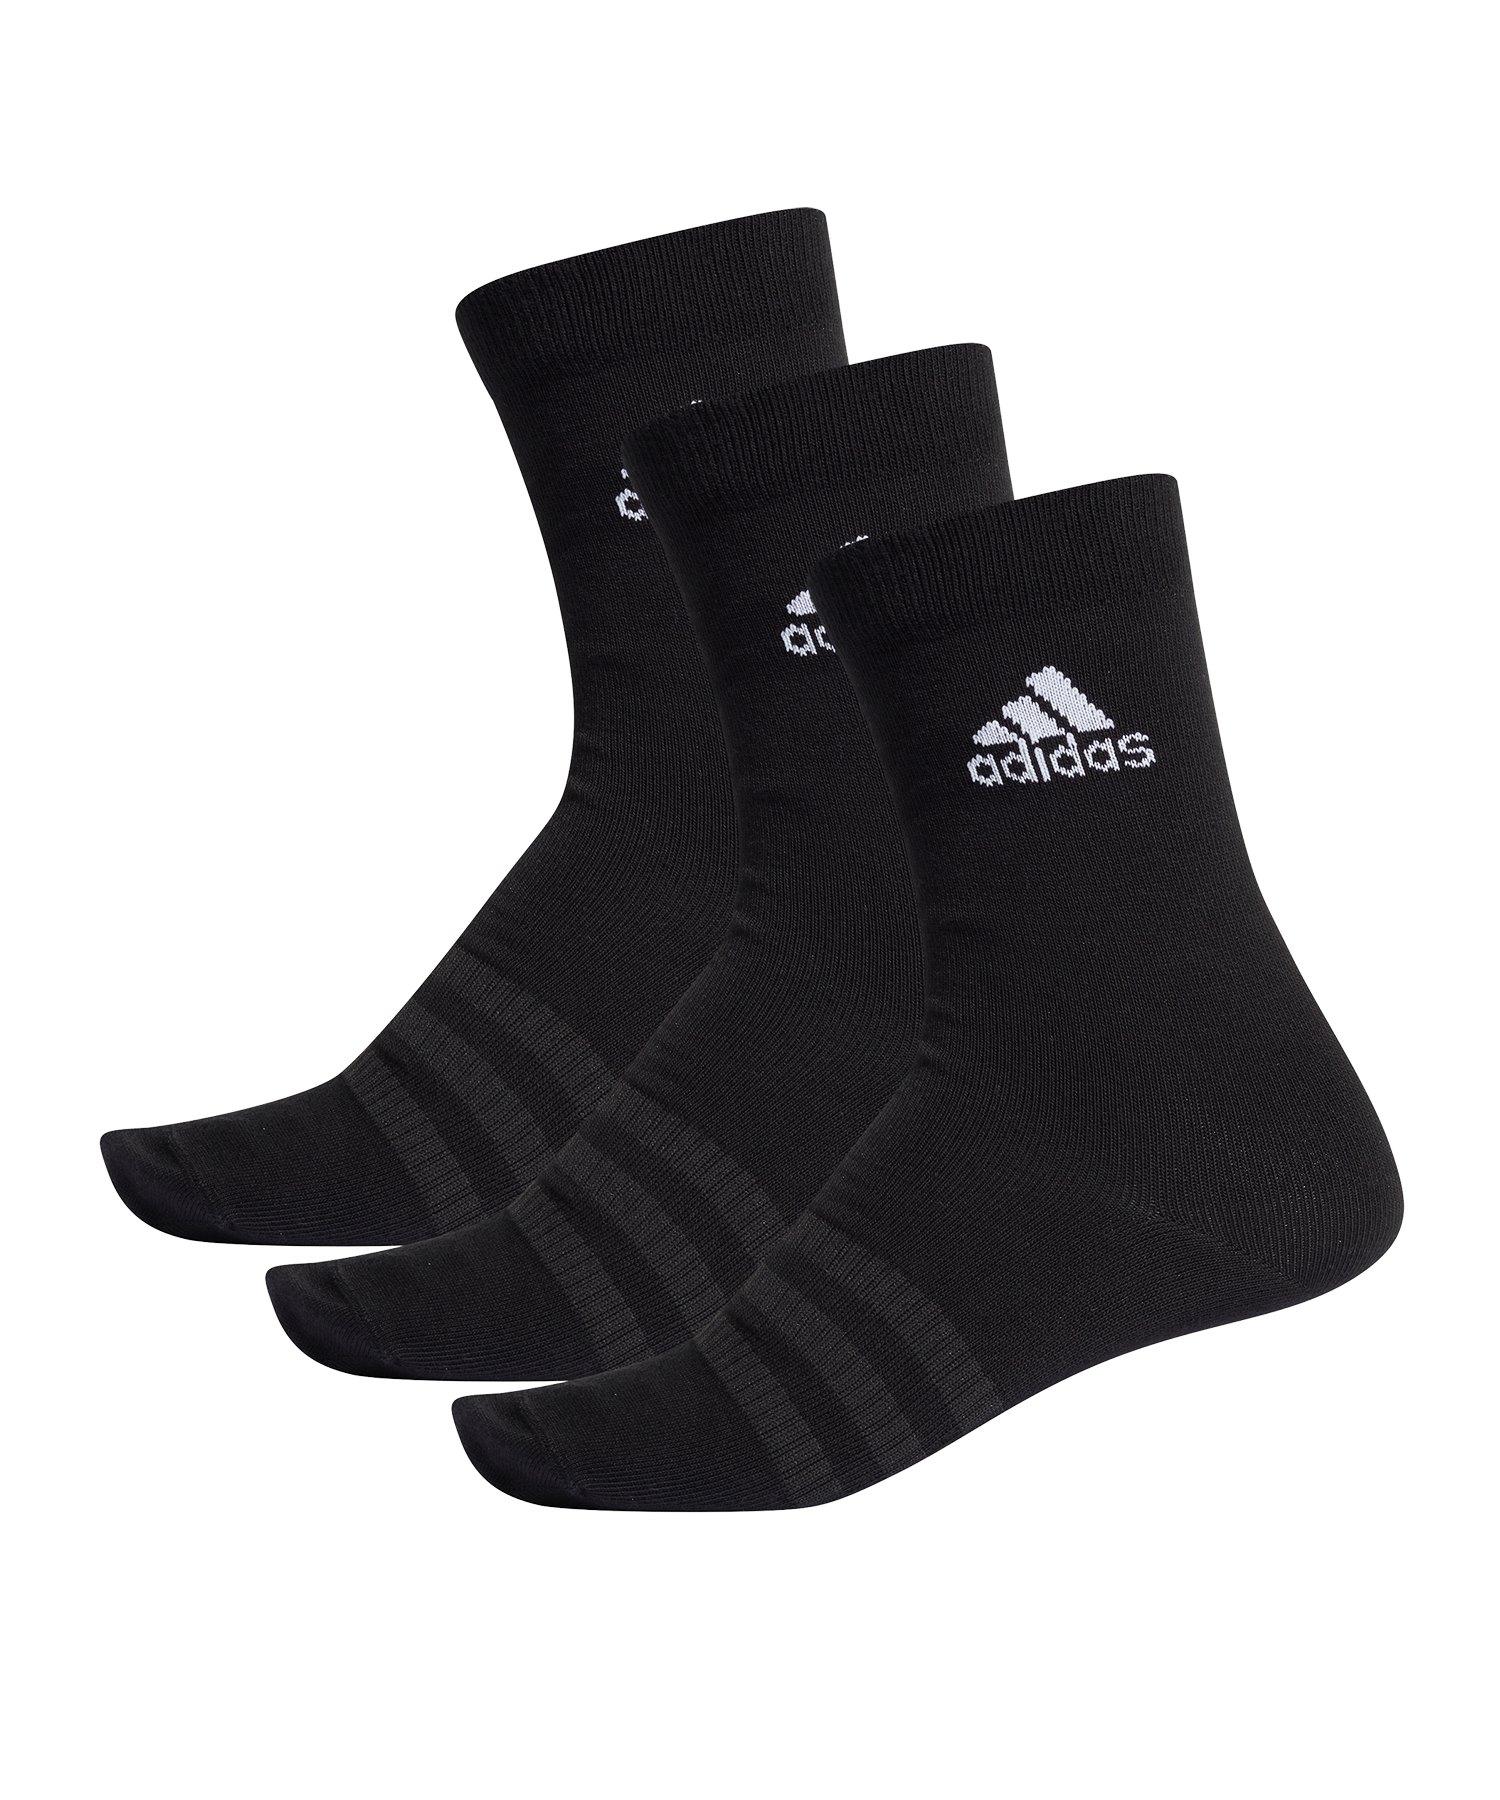 adidas Light Crew Socken 3er Pack Schwarz - schwarz